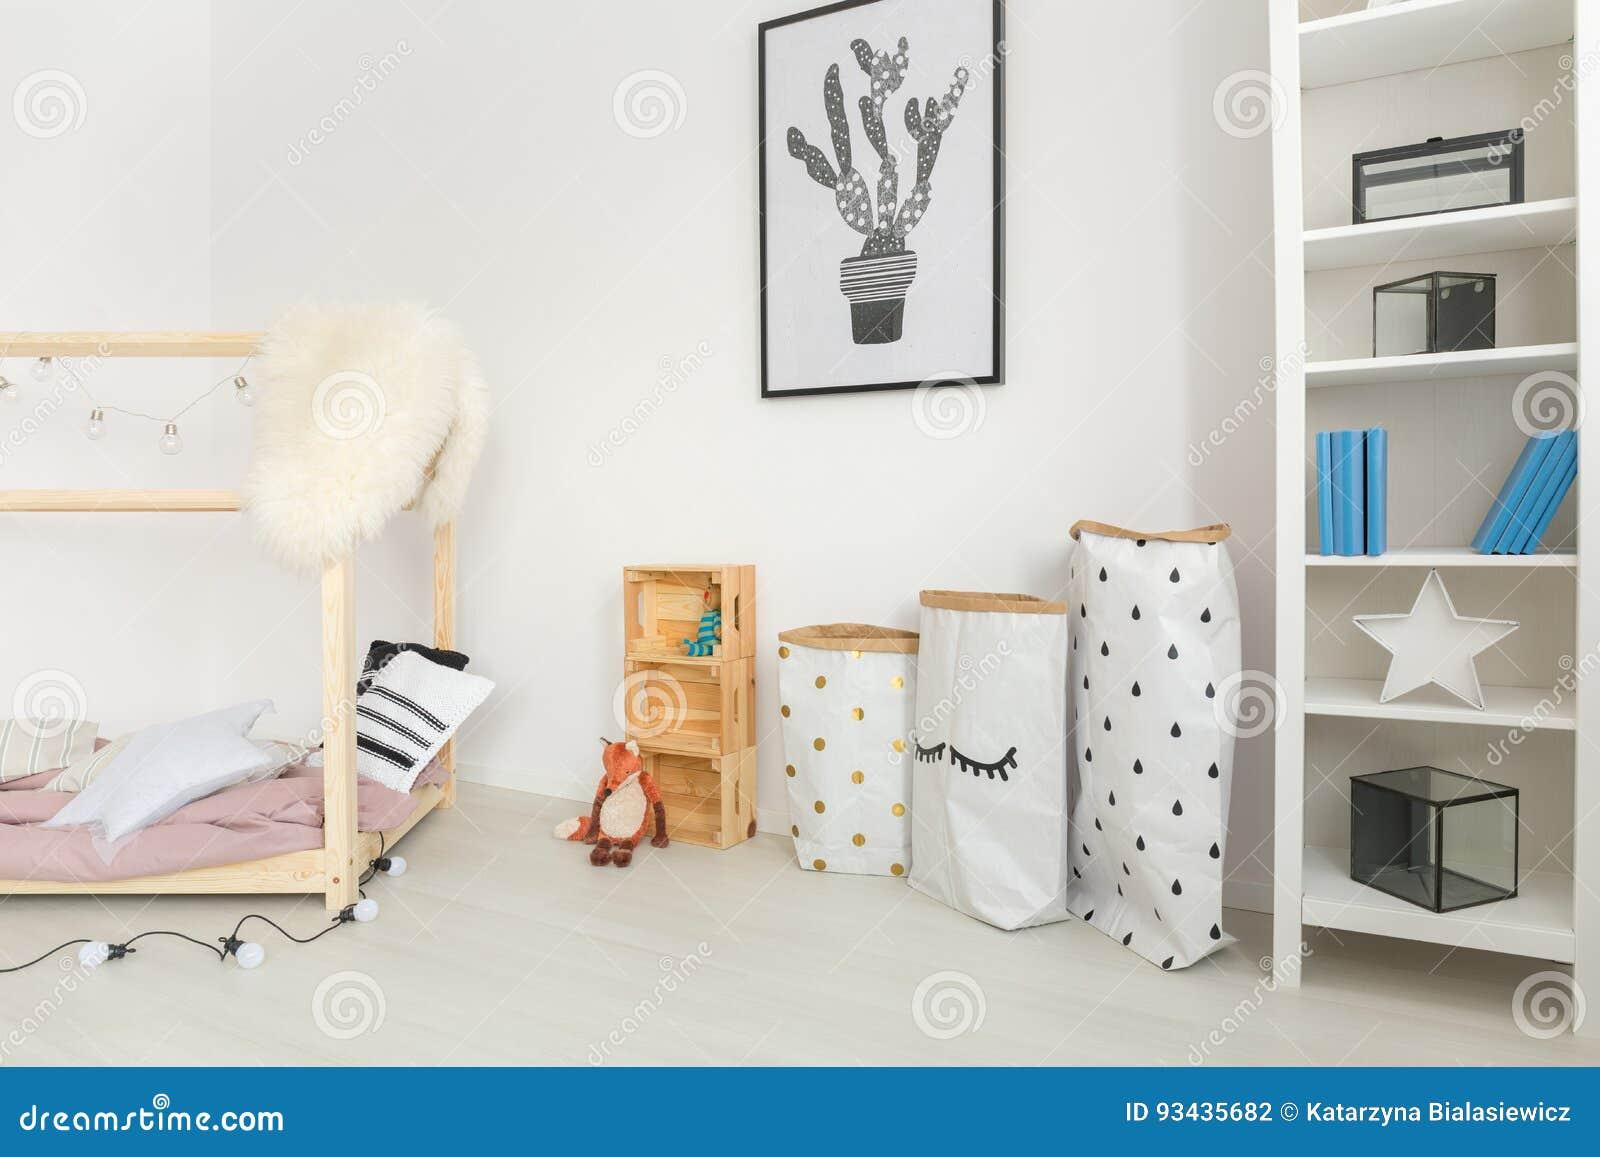 fb1956843da84 Crèche moderne de bébé avec des accents neutres et des accessoires  minimalistic